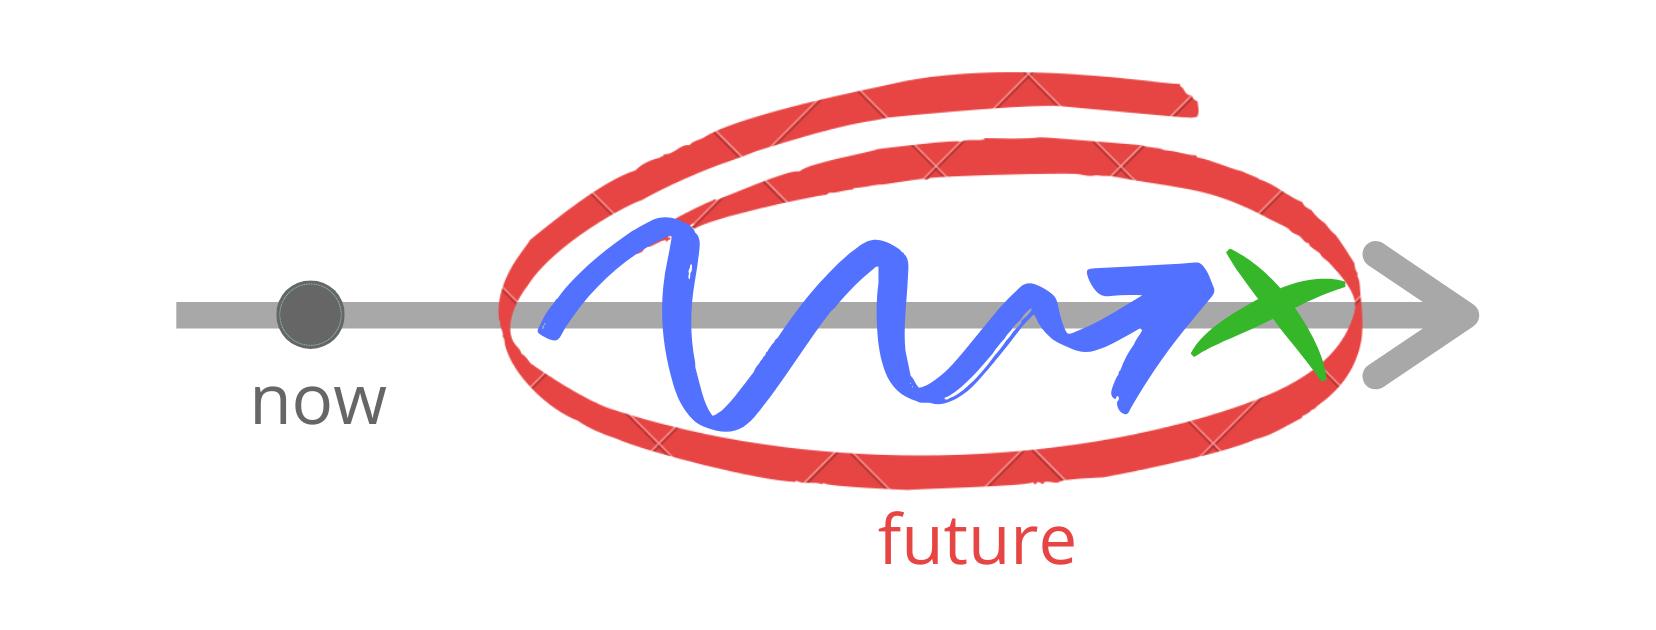 Схема майбутнього досконалого тривалого часу